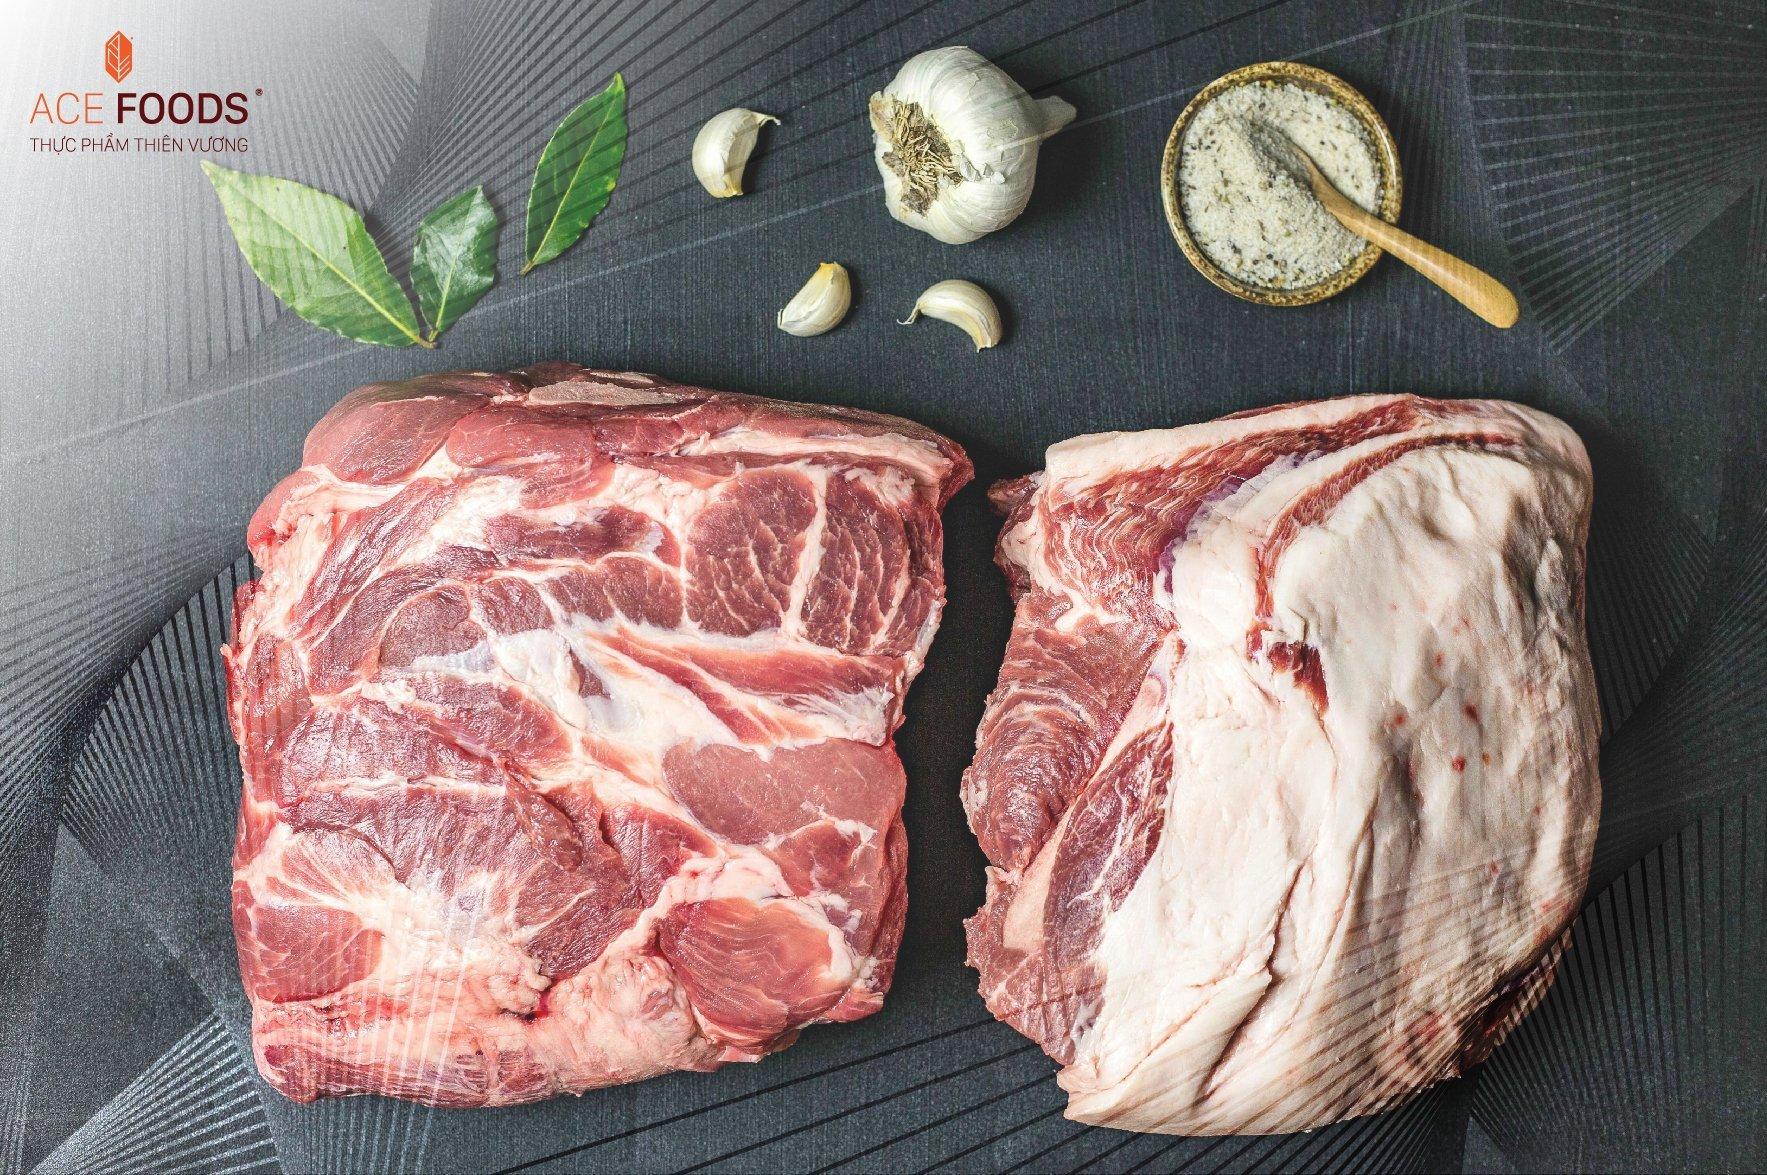 Nạc vai heo Nga nguyên miếng có chỉ mỡ mảnh xen kẽ giúp miếng thịt không bị khô